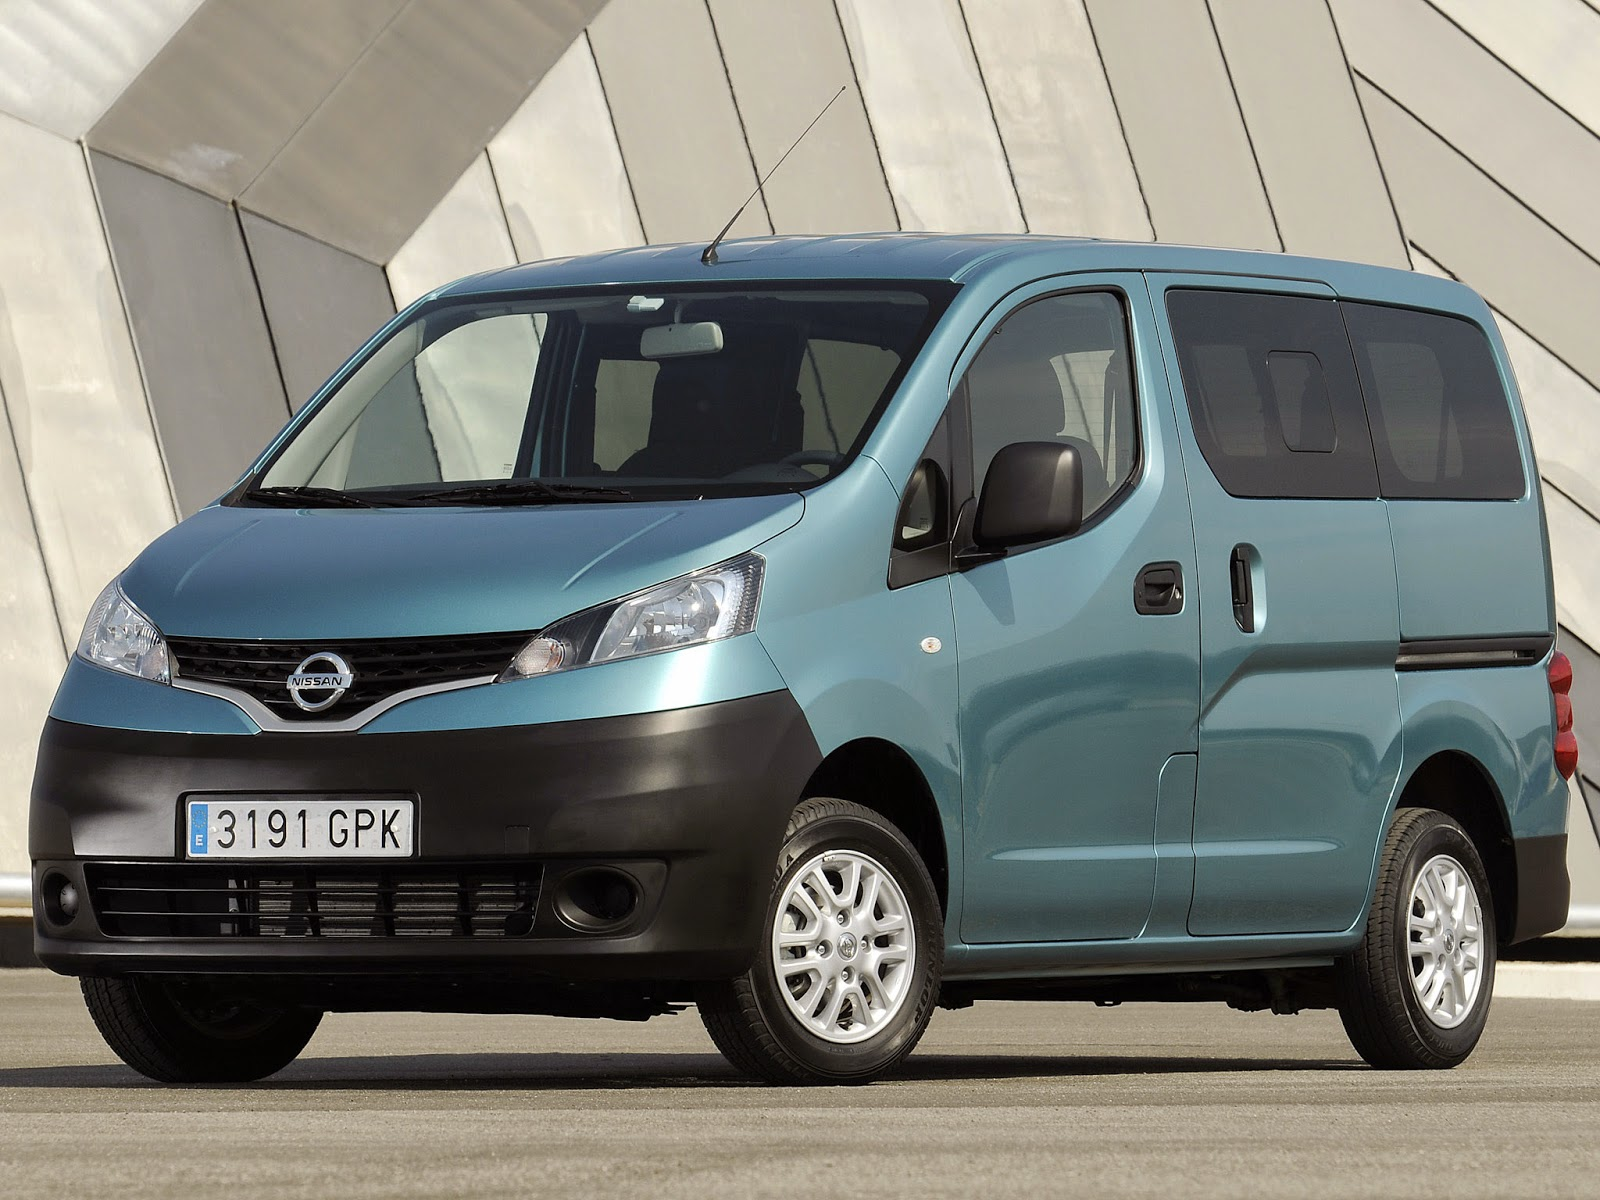 Prezzo Nissan NV200 offerta esempio di finanziamento aprile 2015